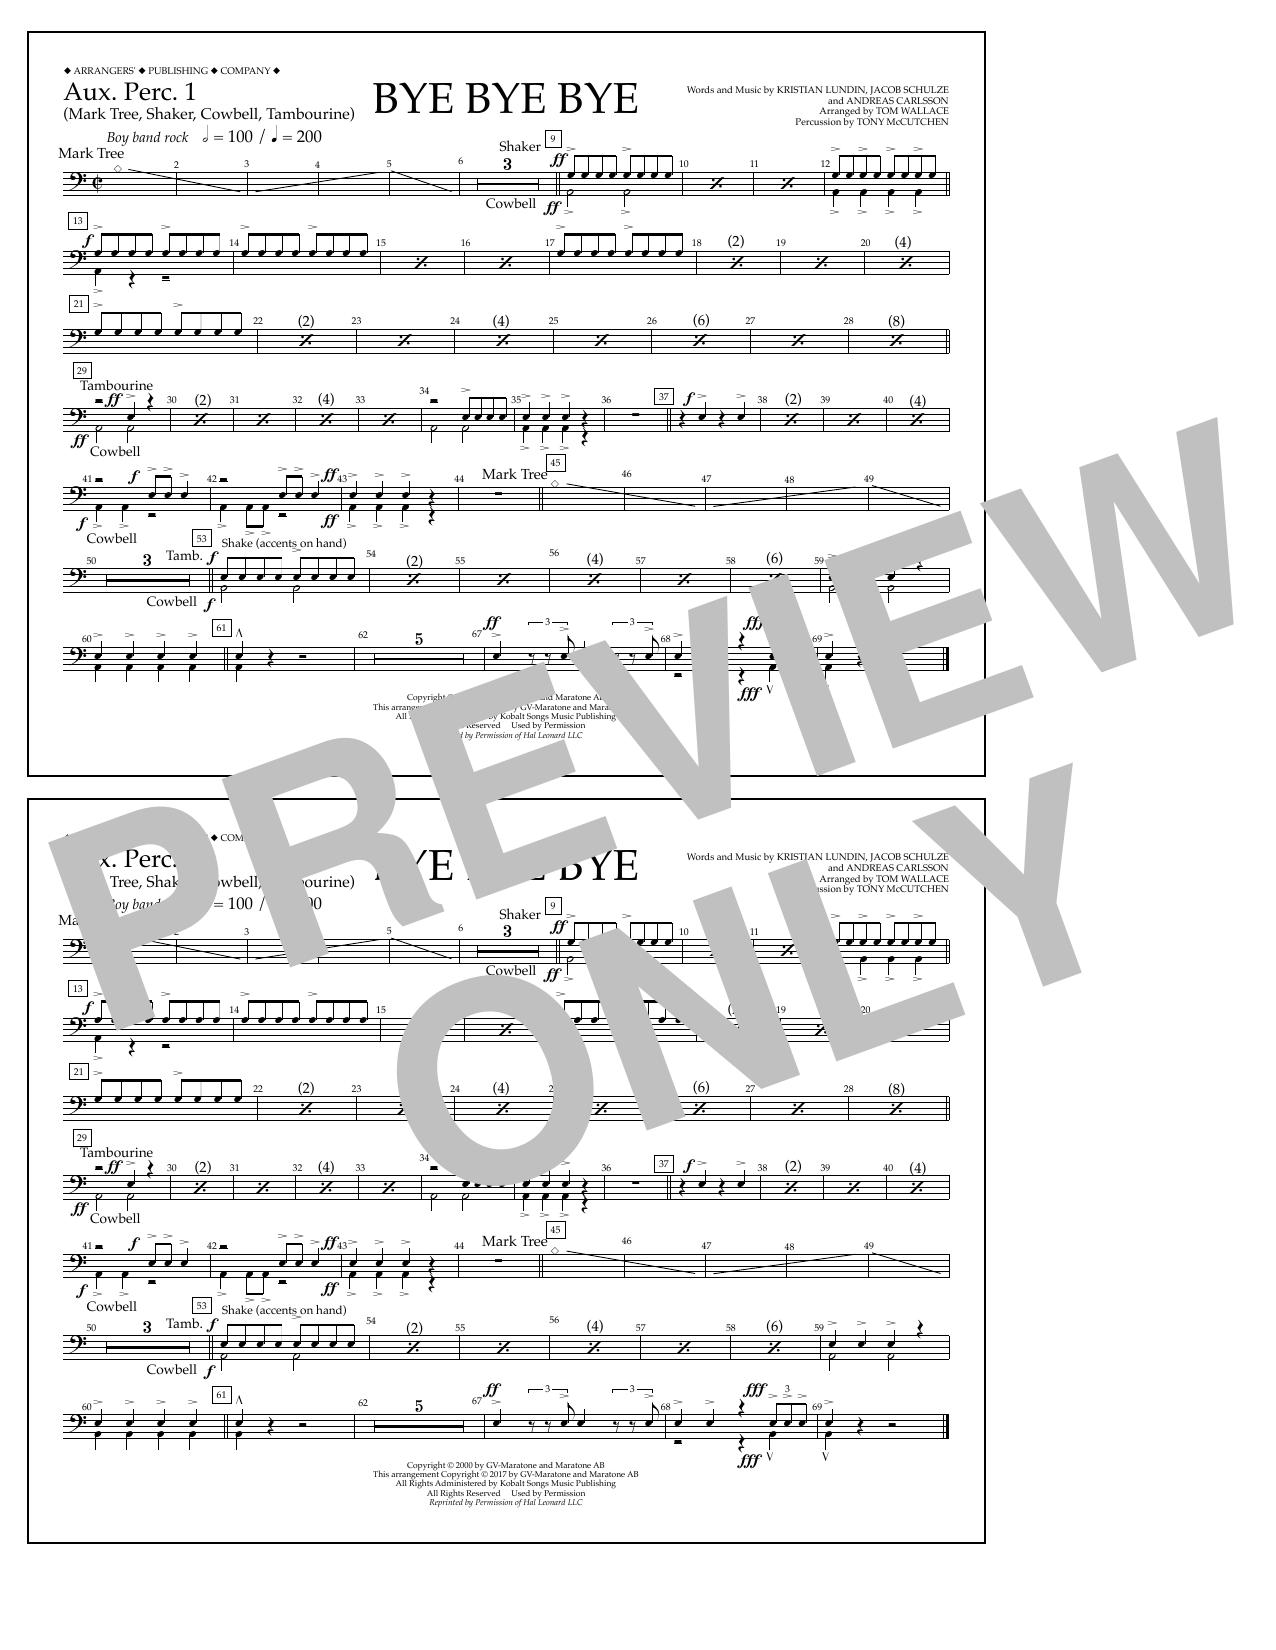 Bye Bye Bye - Aux. Perc. 1 Sheet Music